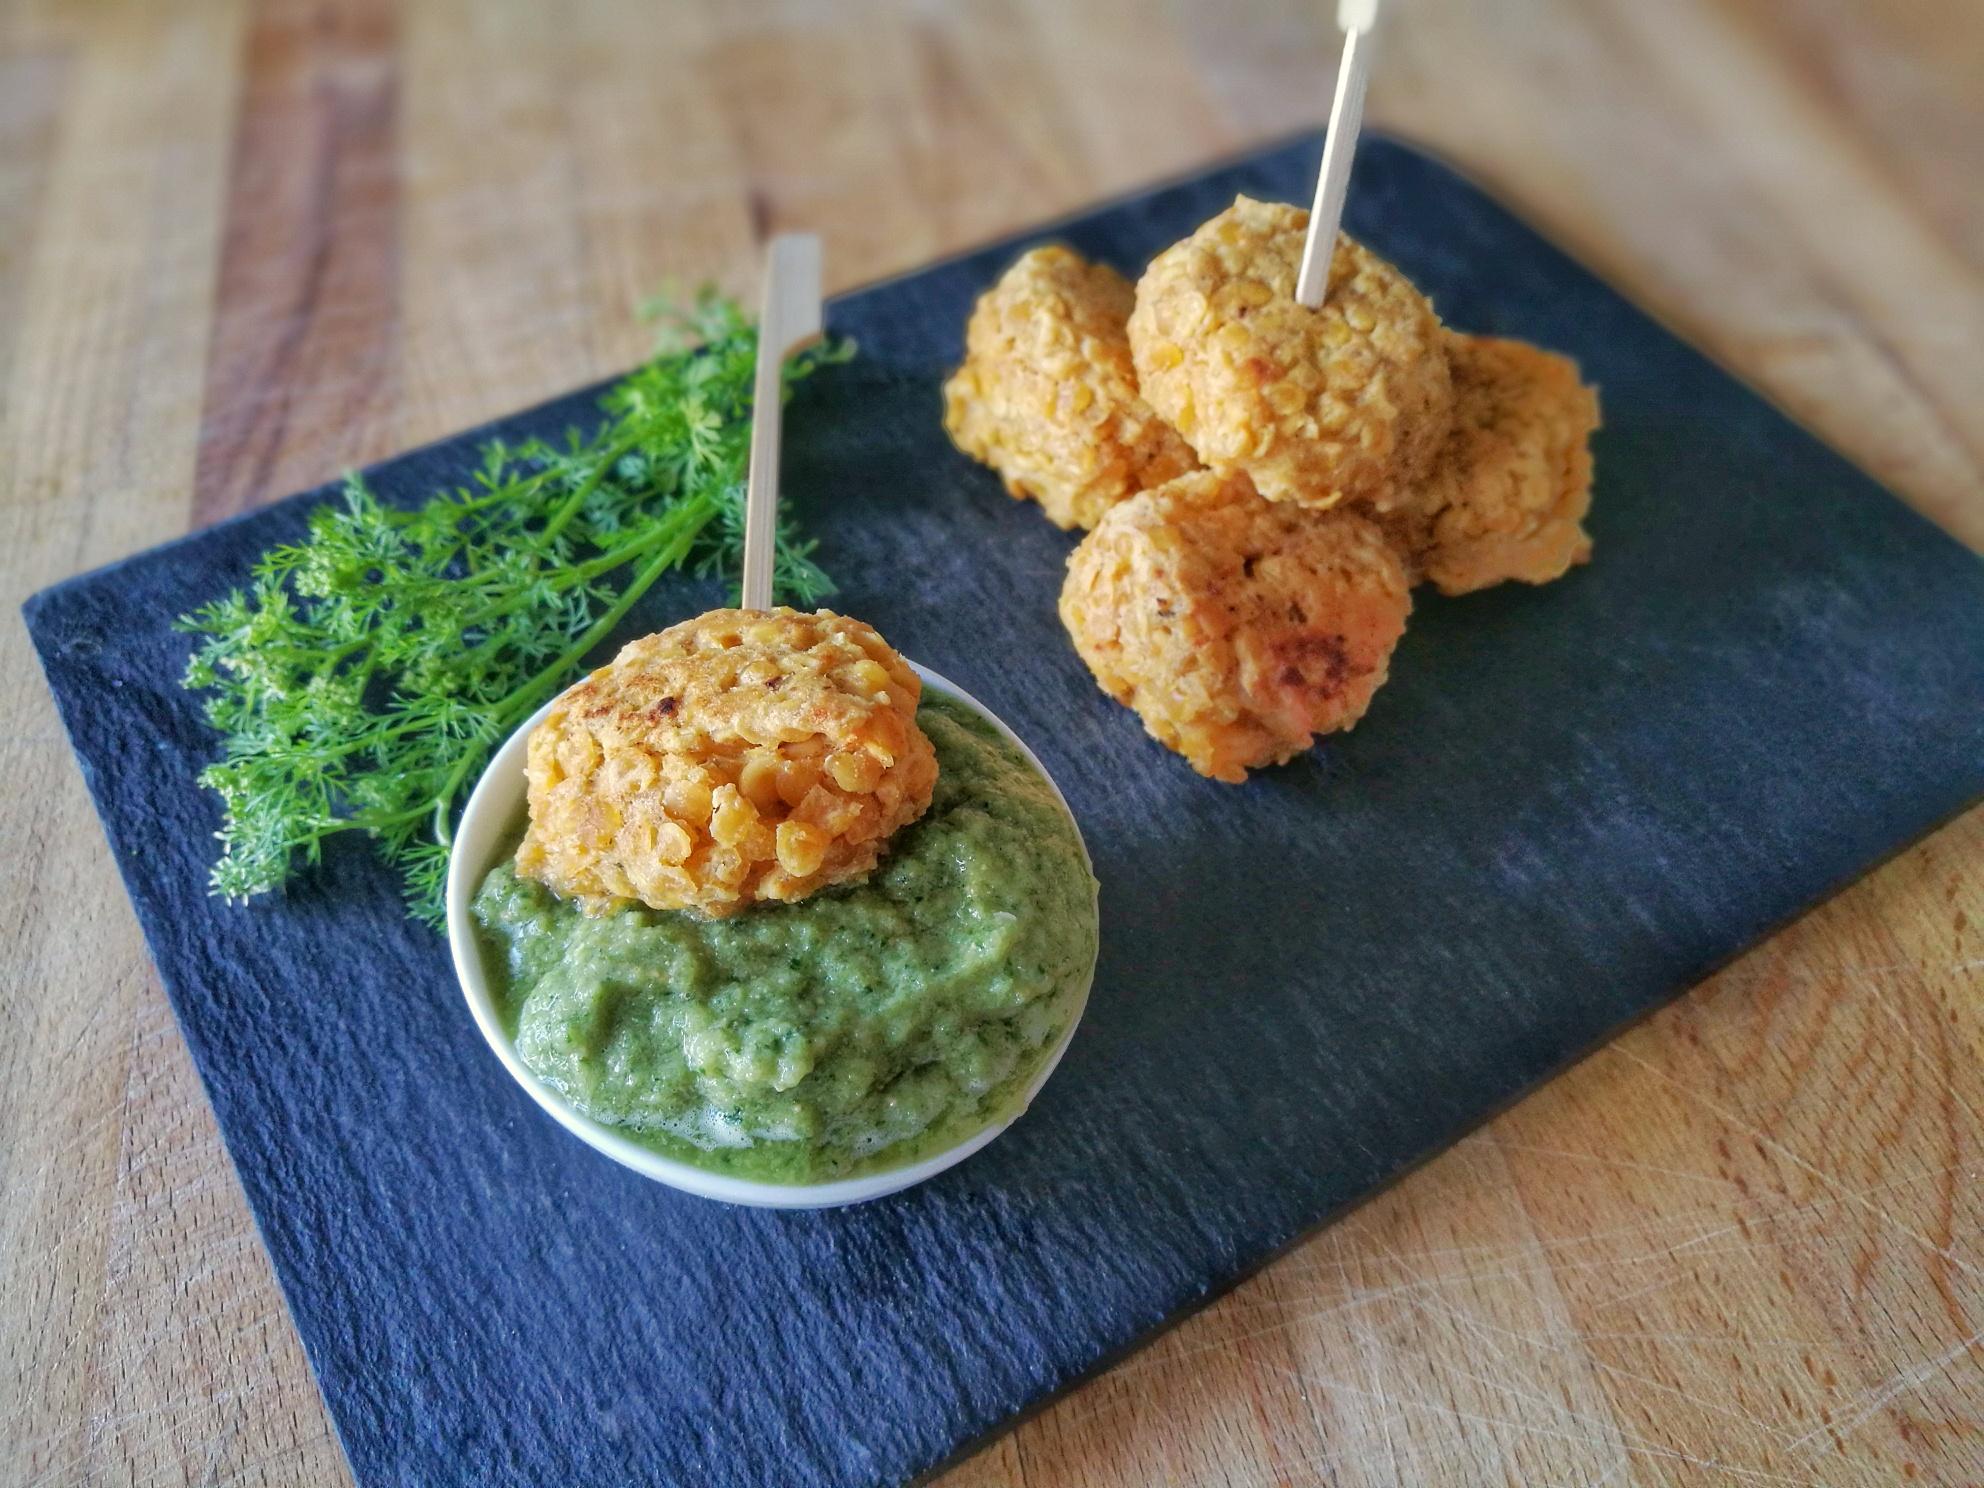 Falafels de lentilles corail recette vegan et sans gluten - Comment cuisiner les lentilles corail ...